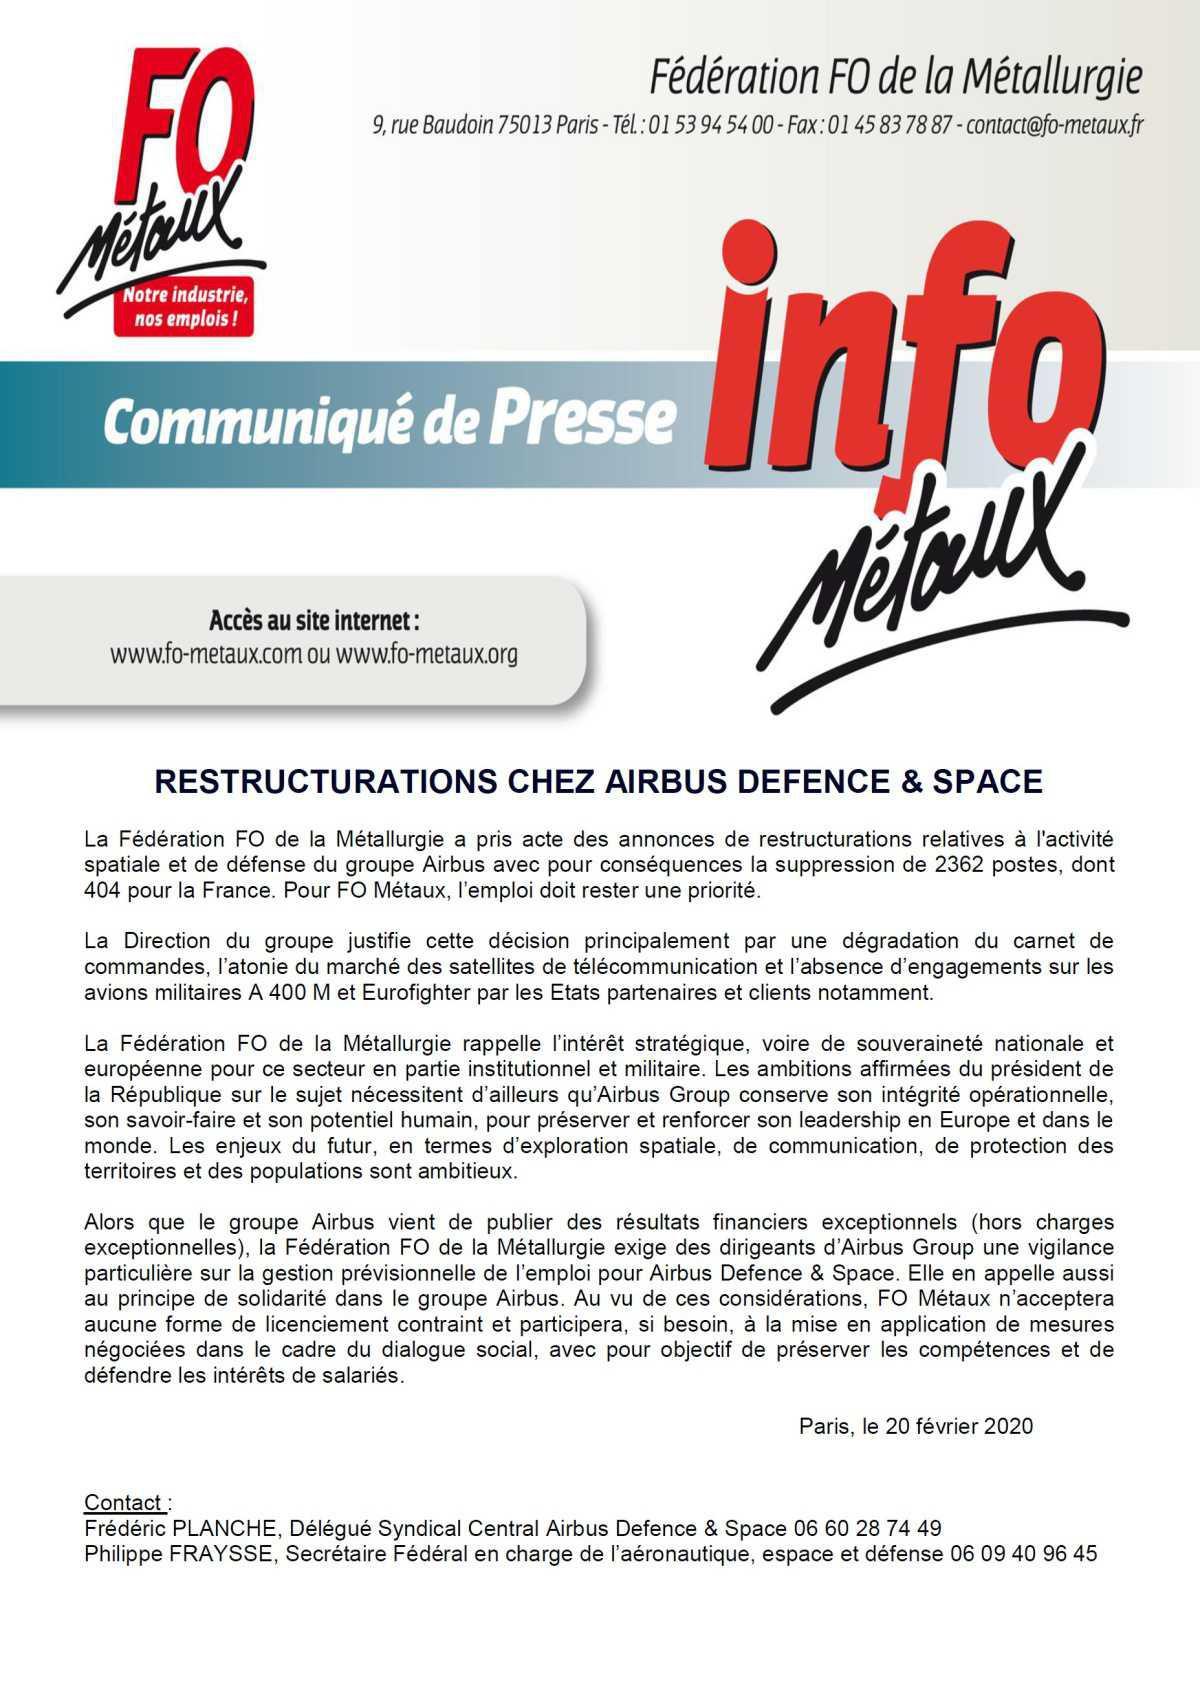 Communiqué de presse sur la restructuration de Airbus Defence&Space